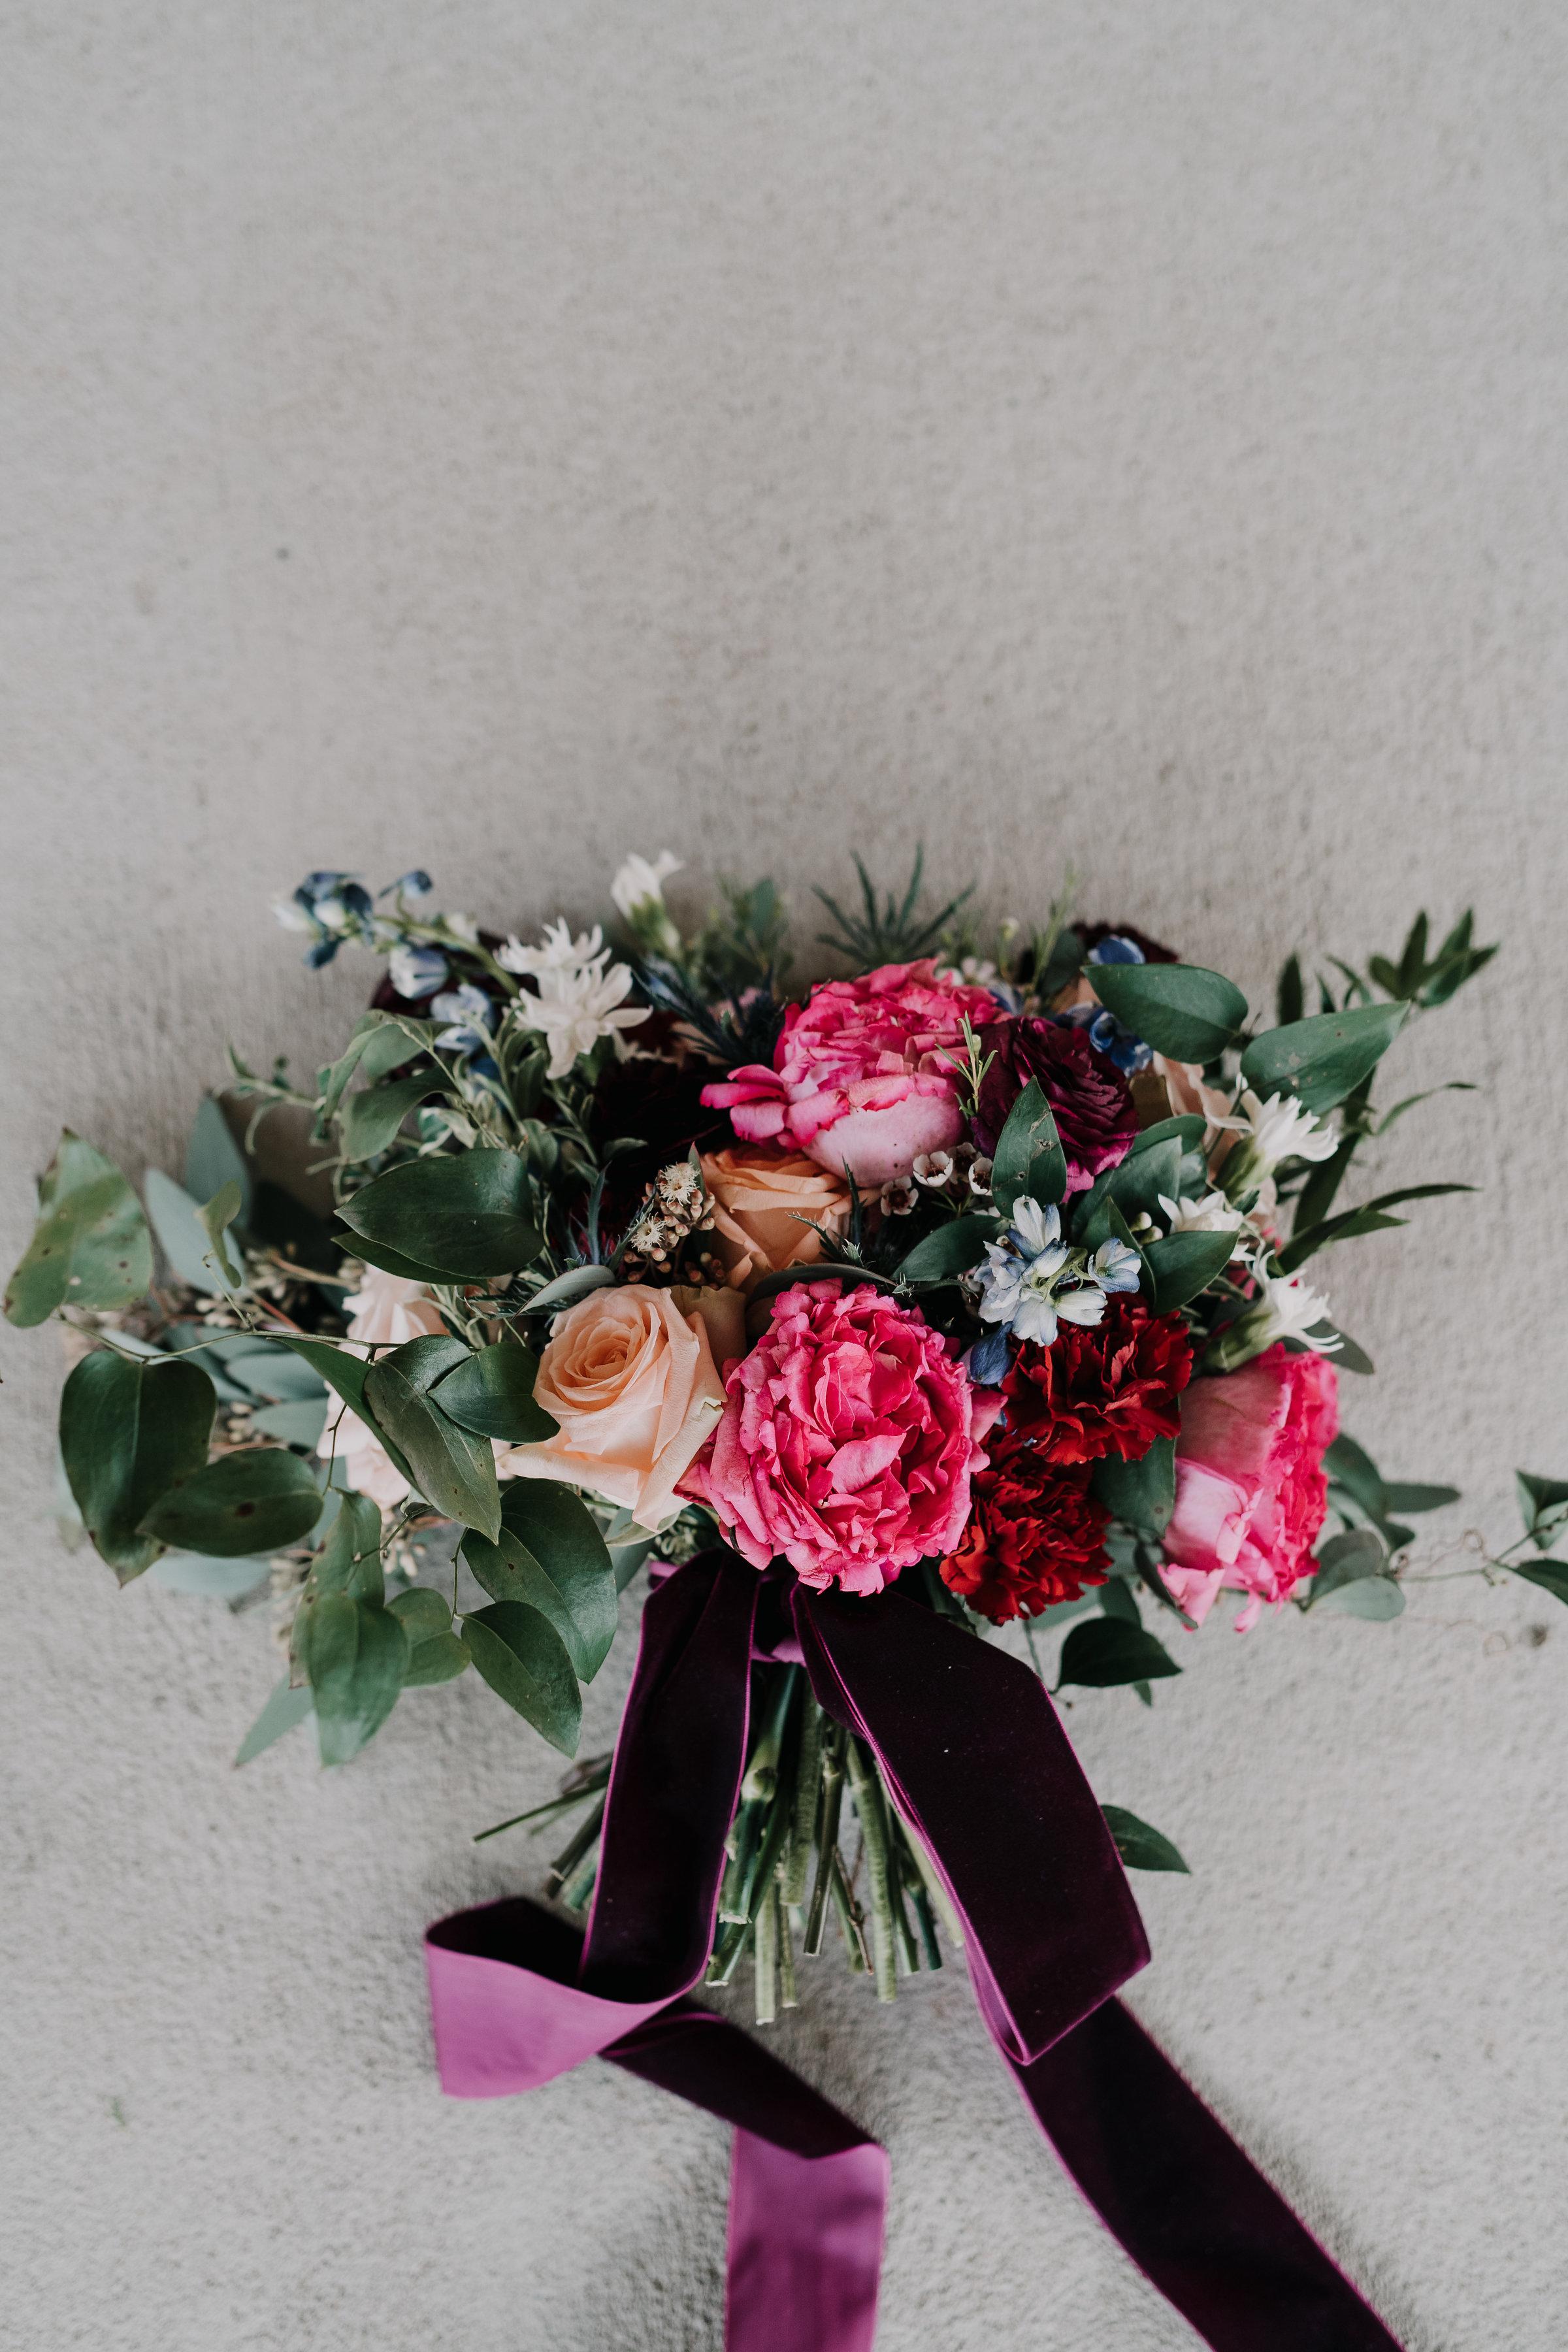 bouquet by itself.jpg